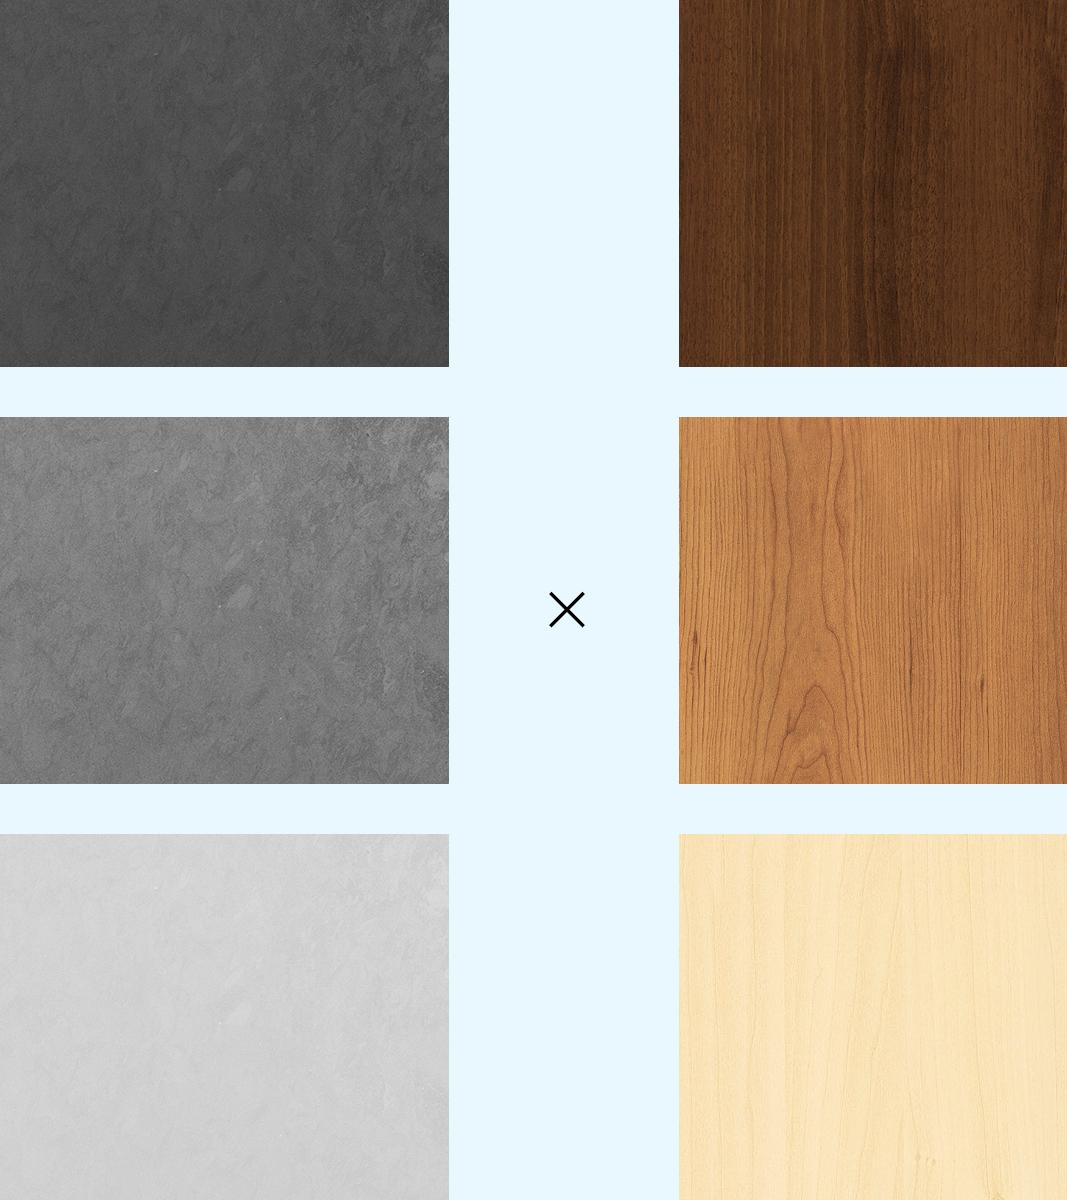 3種類の素材感のあるグレーと3種類の茶色の木目